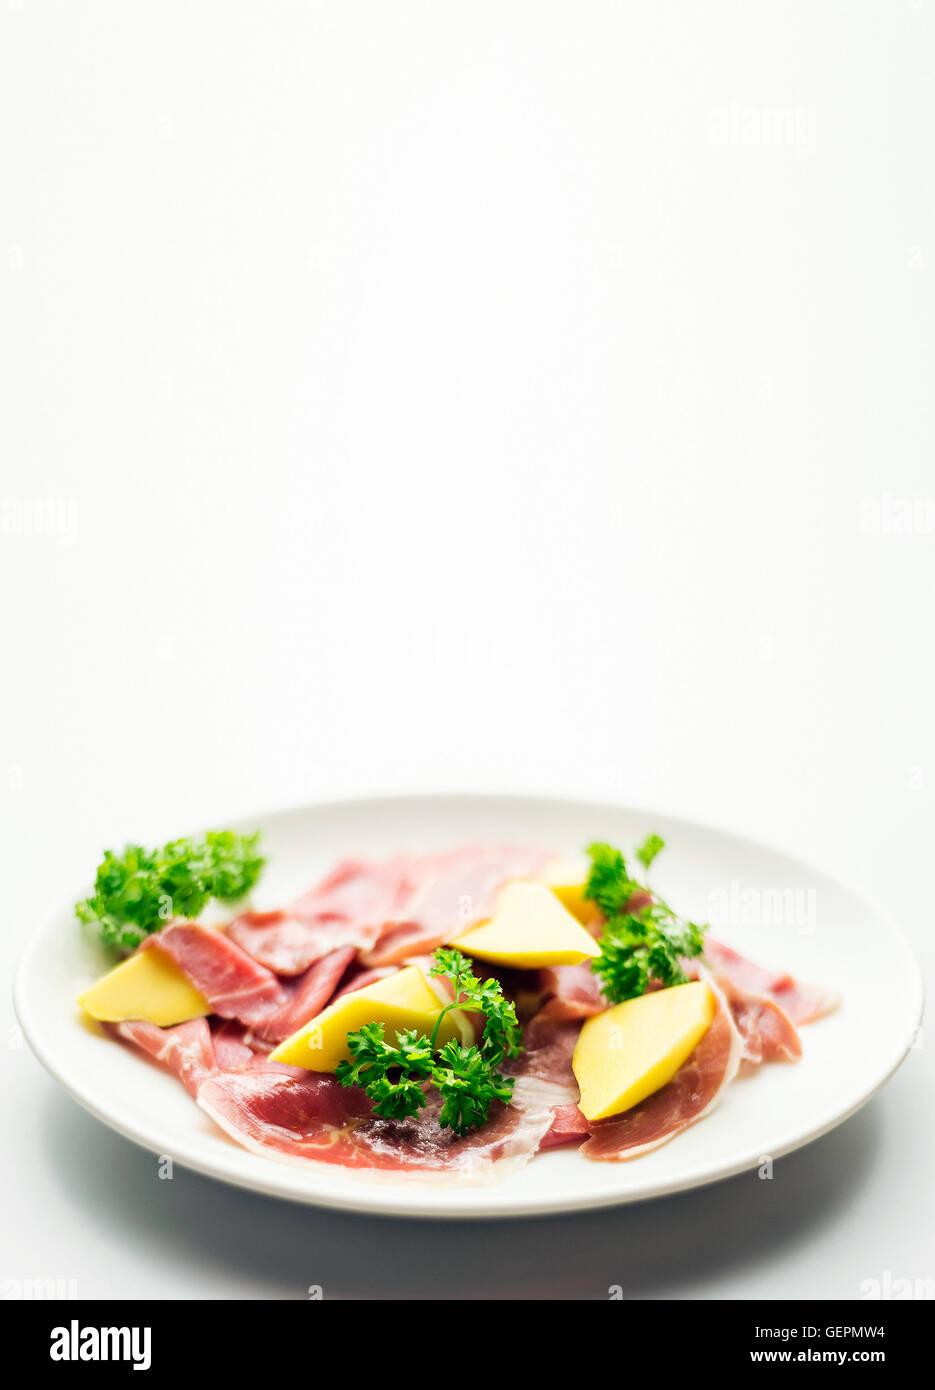 ausgehärteten Parma Serranoschinken mit frischer Mangosalat snack Vorspeise Stockbild